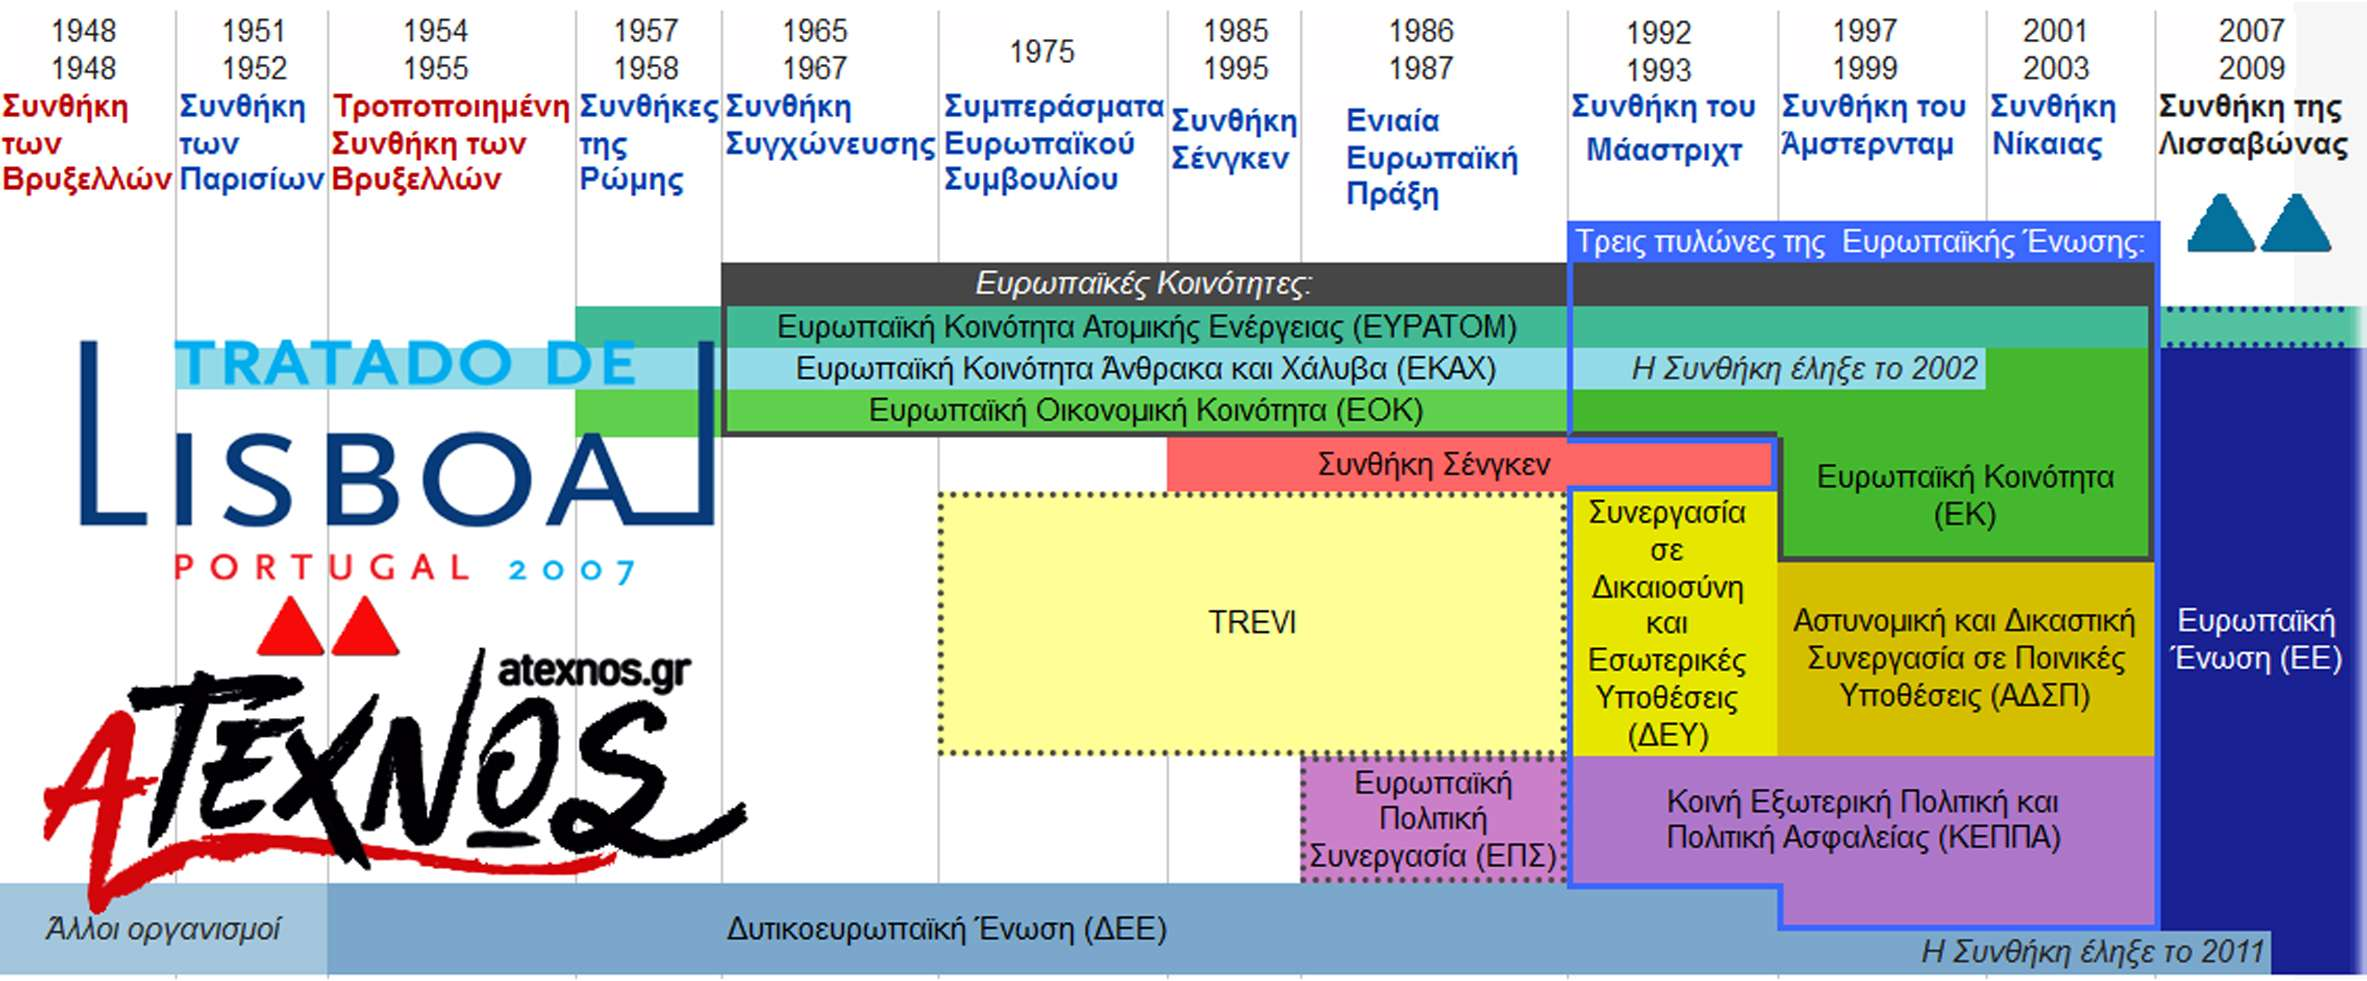 Χρονοδιάγραμμα συνθηκών ΕΟΚ ΕΕ